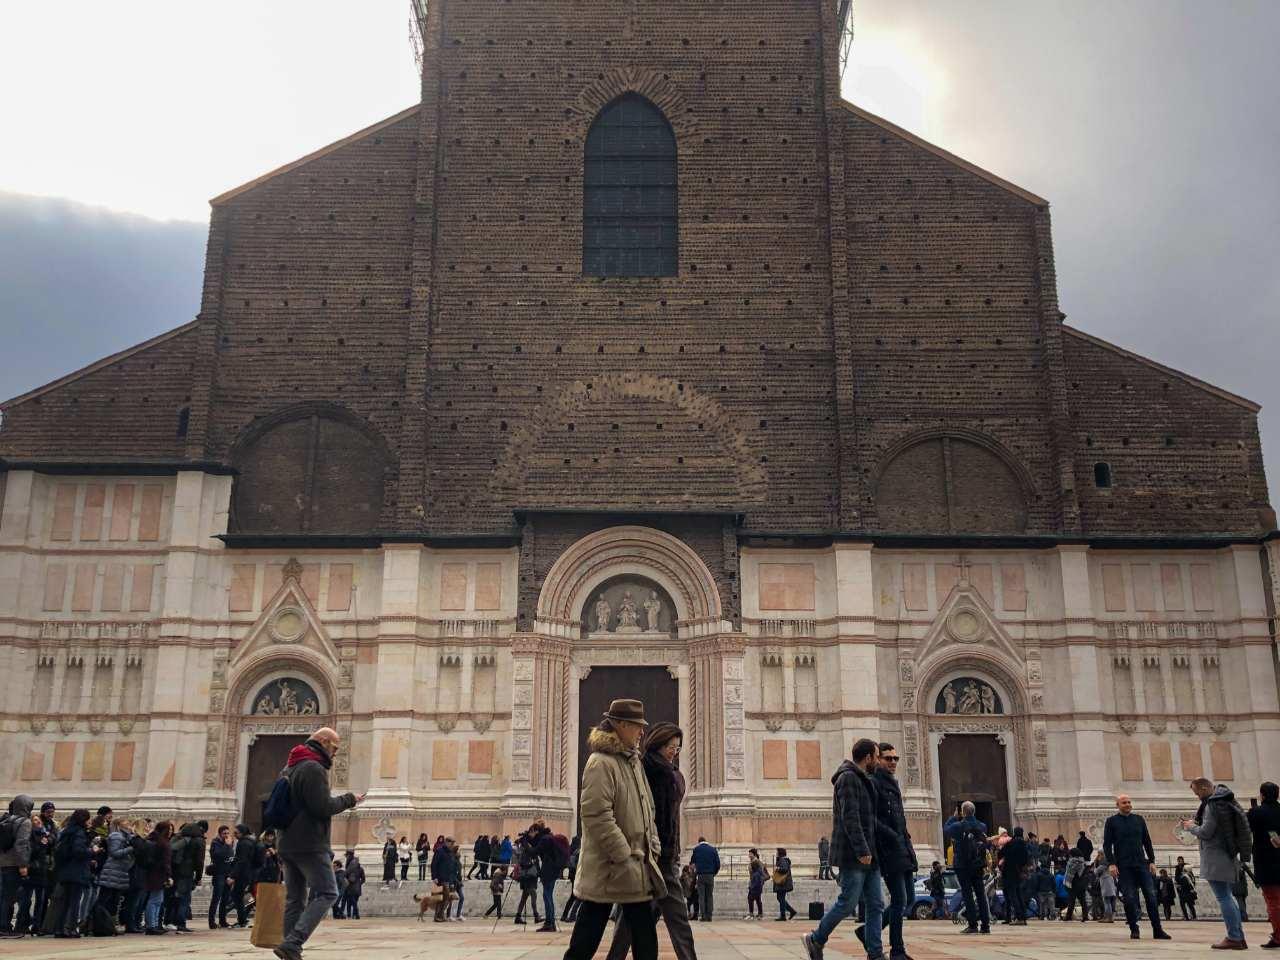 Conheça a polêmica Basílica de San Petronio de Bolonha